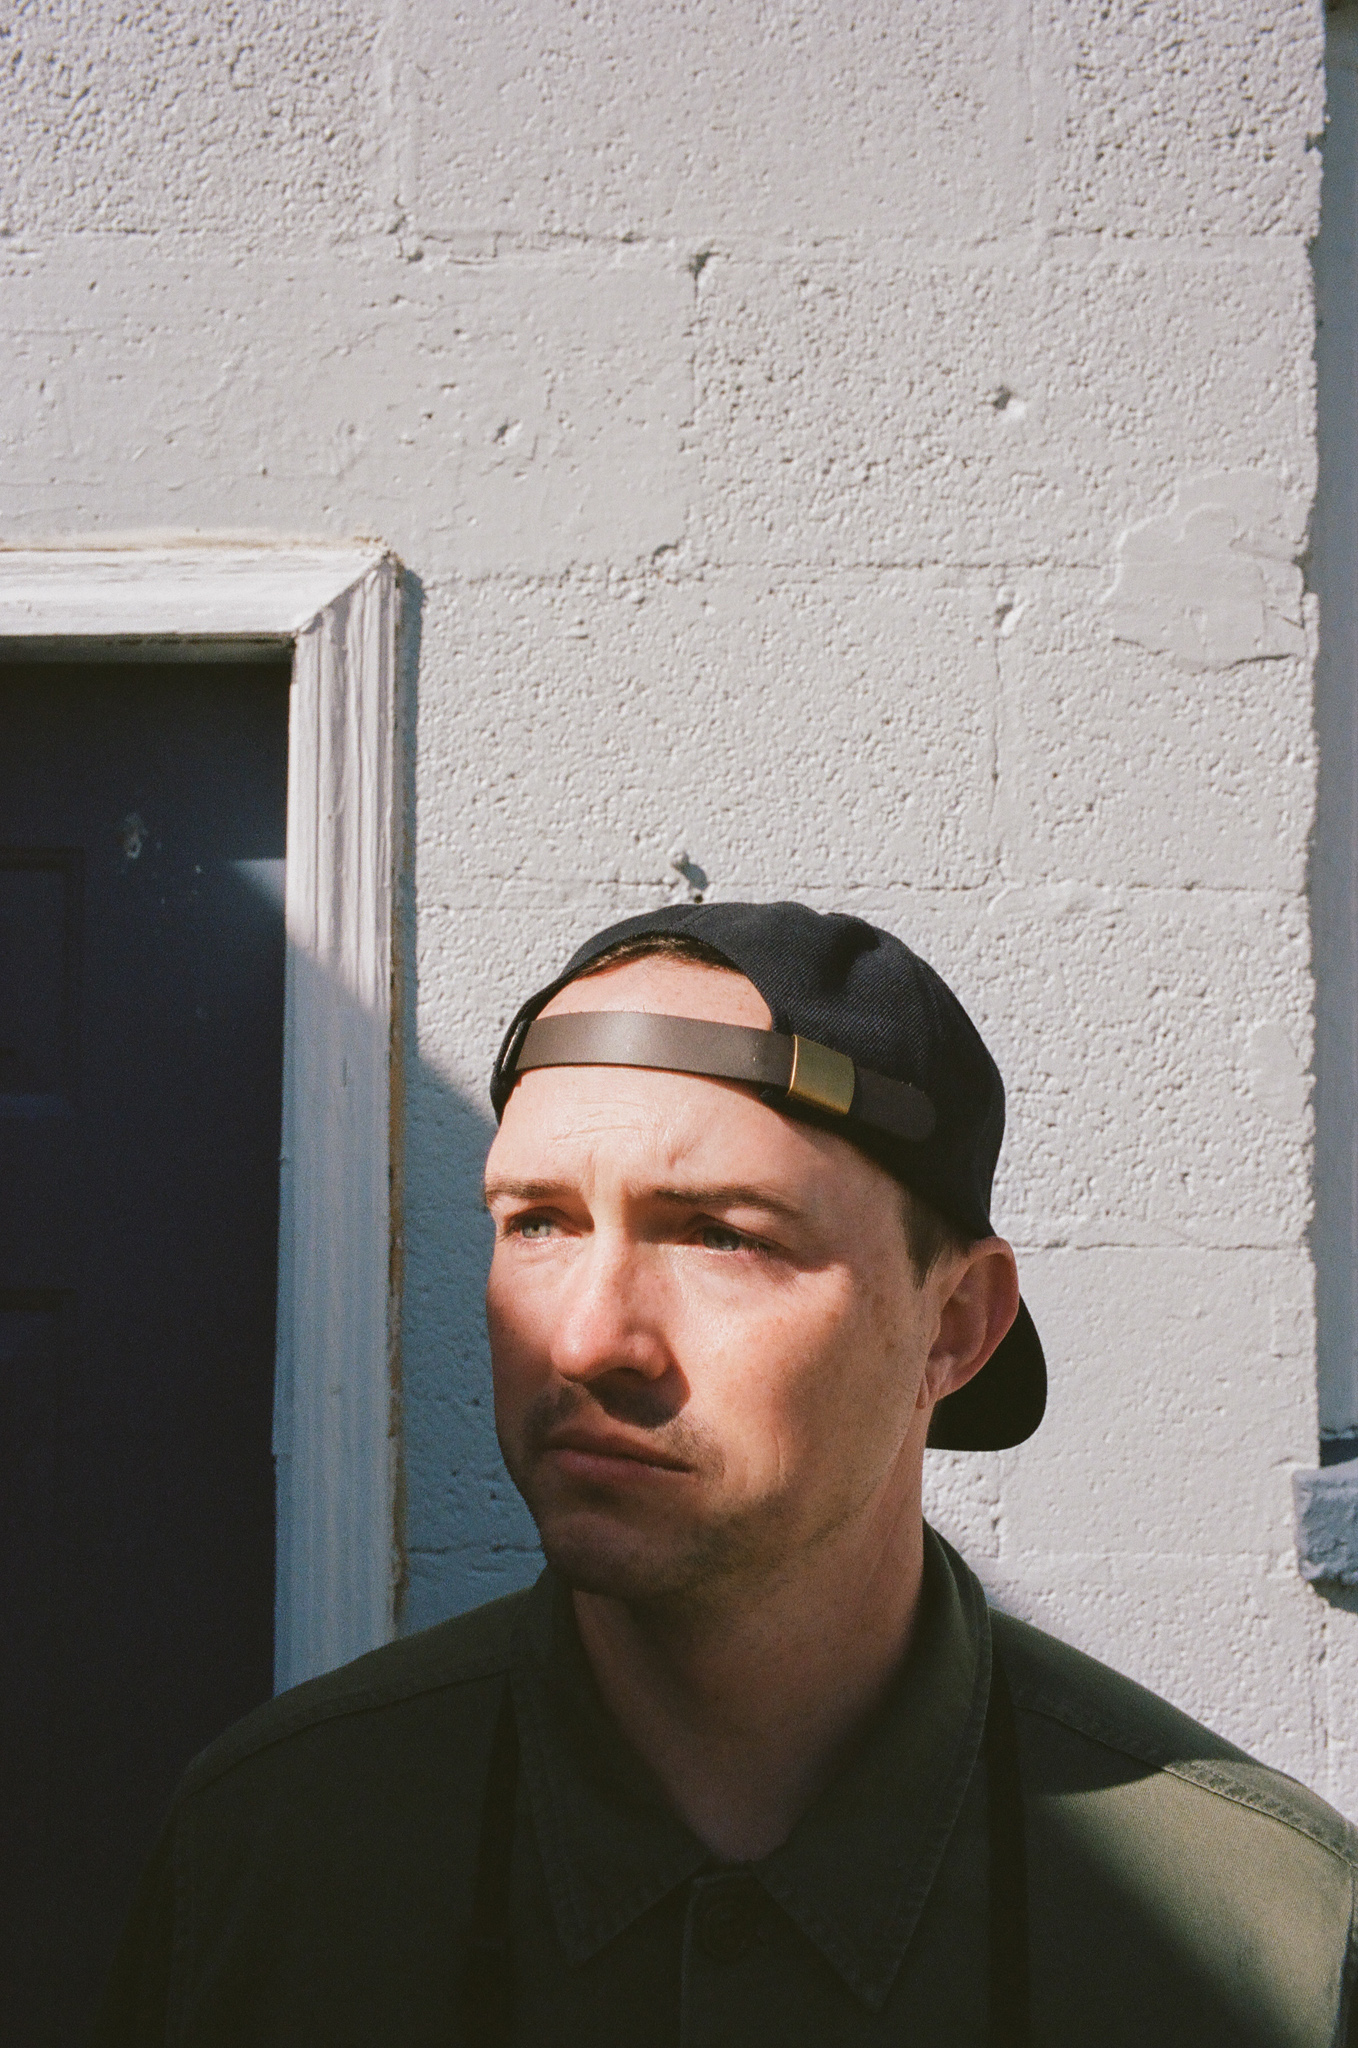 Kent Meister / Leica M6 / Kodak Portra 400 / Matt Pittman